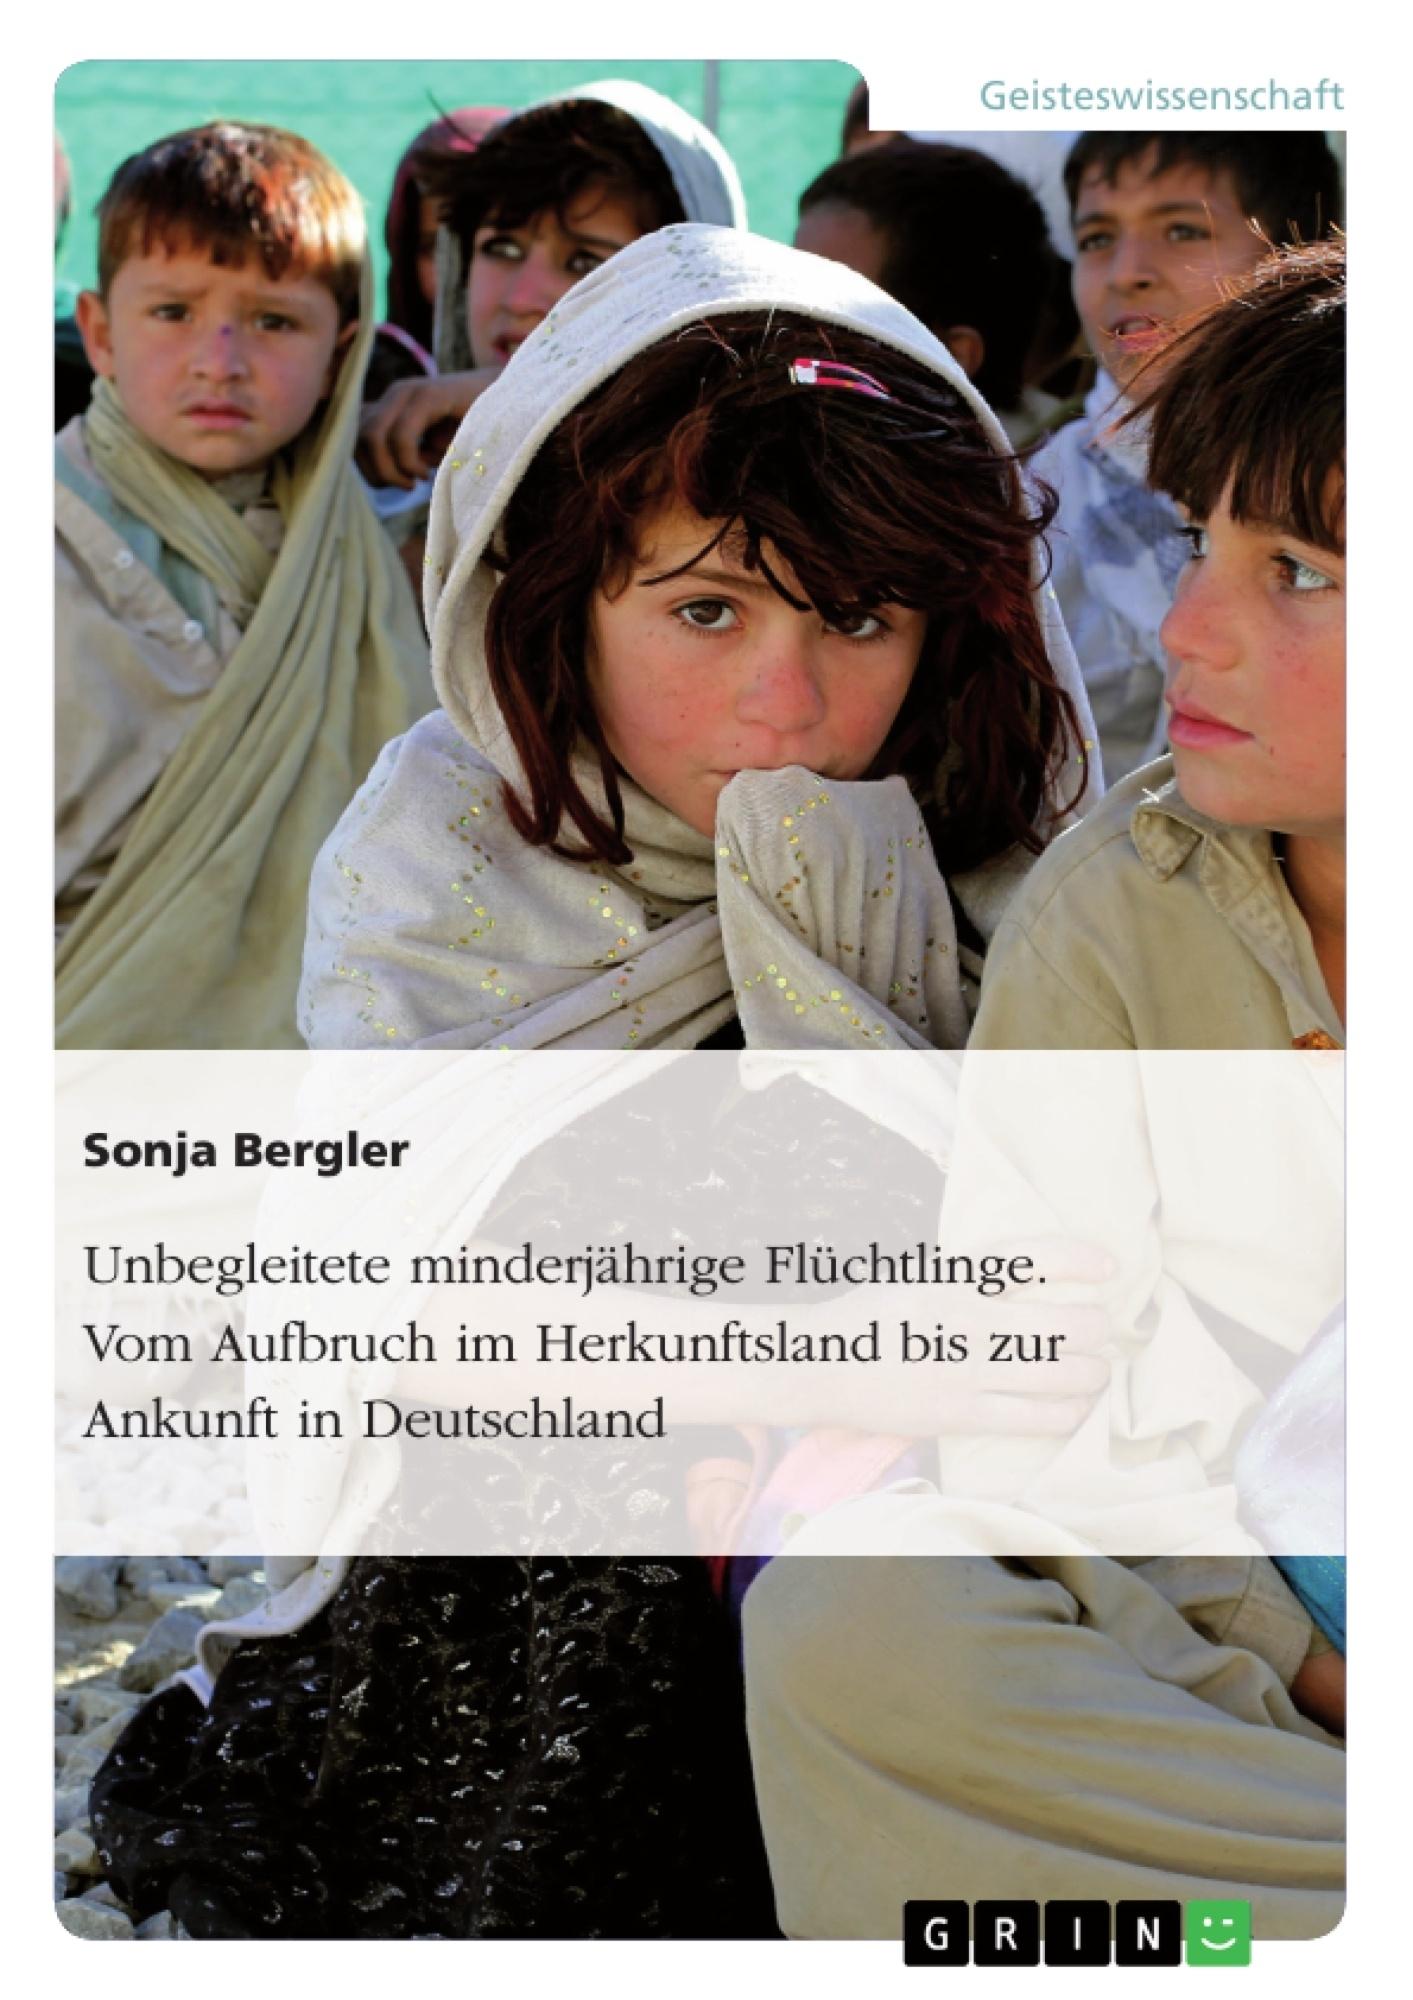 Titel: Unbegleitete minderjährige Flüchtlinge. Vom Aufbruch im Herkunftsland bis zur Ankunft in Deutschland